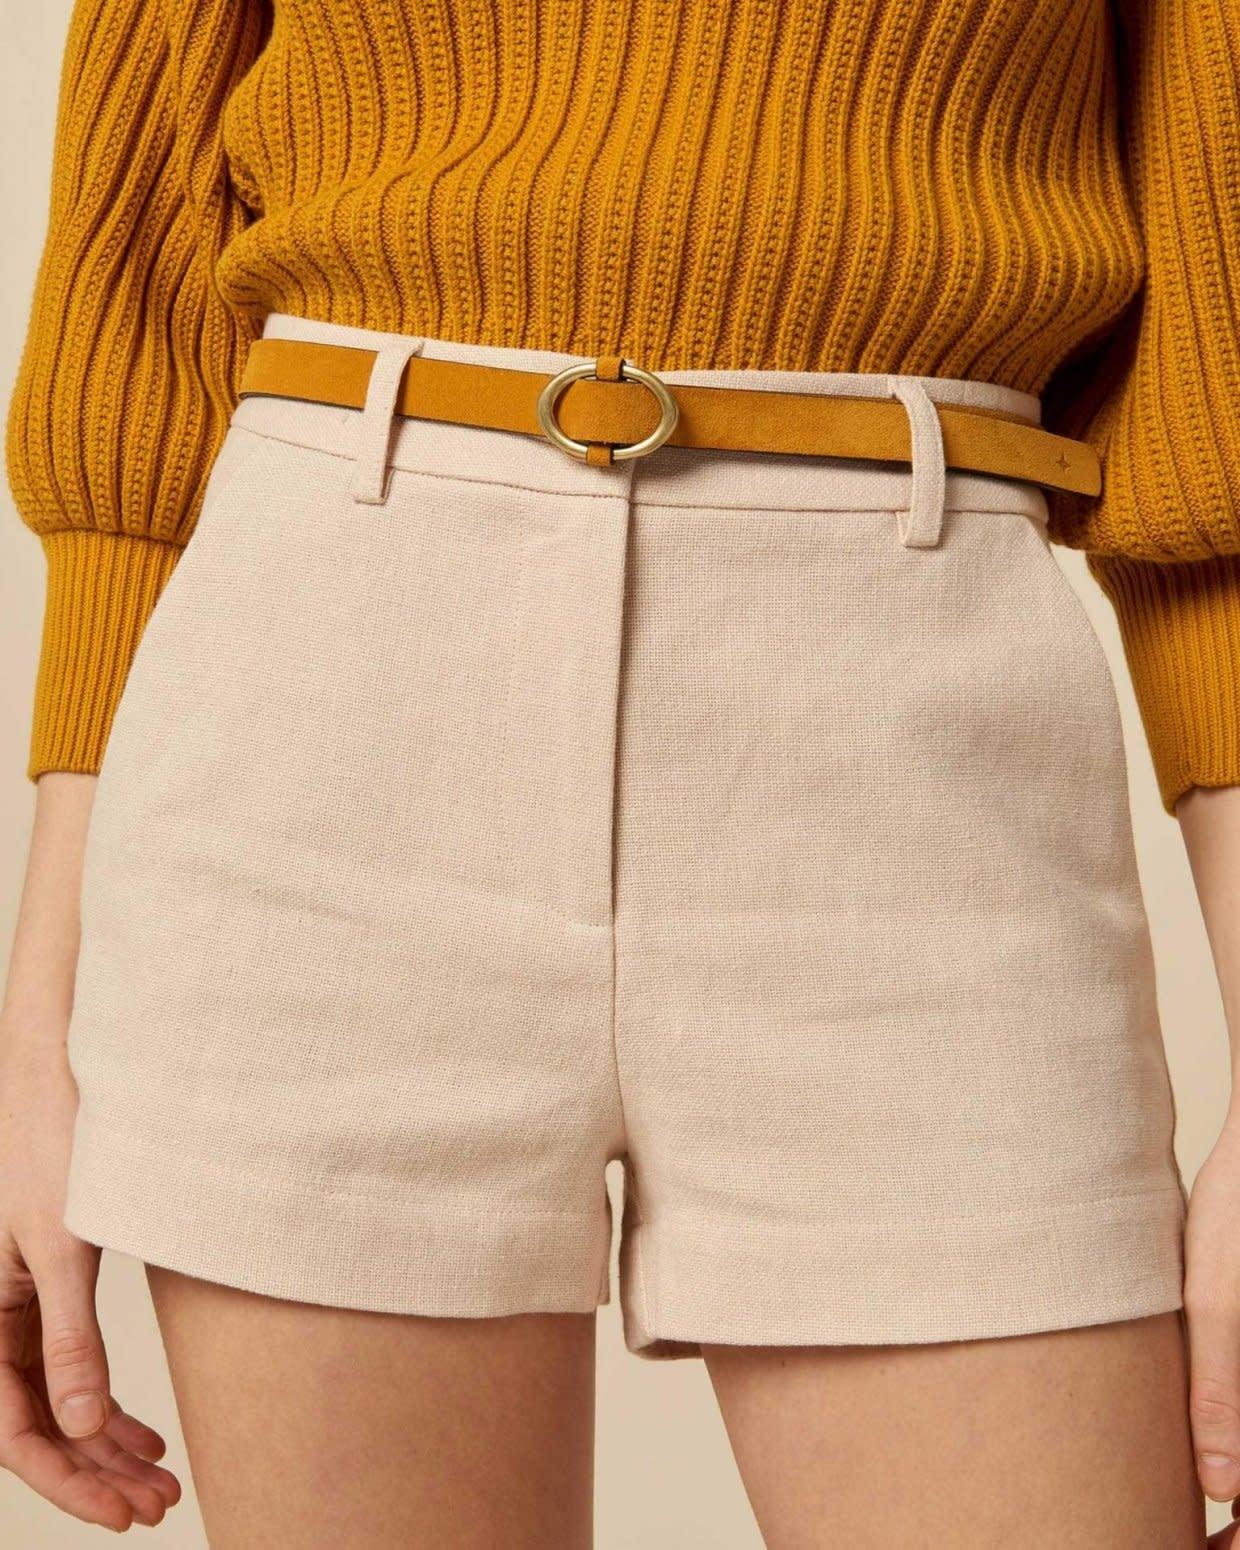 Sessùn Prevente minioa ceinture